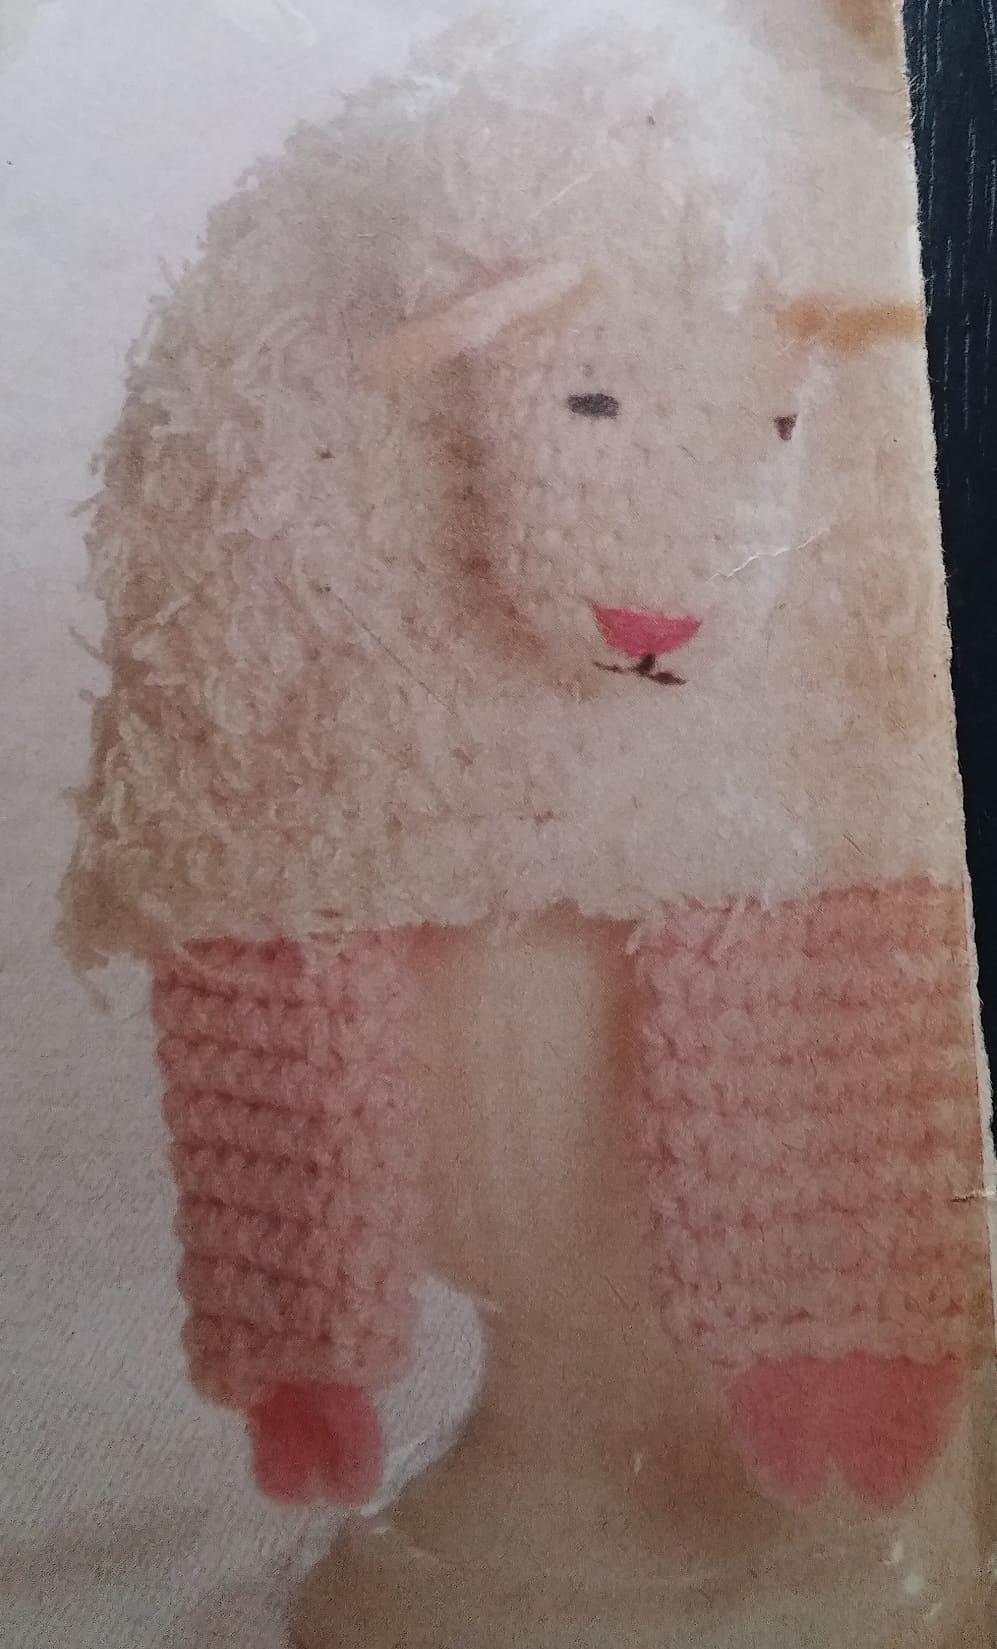 Lammetje Eierwarmer Haken Voor Pasen Hobbyblogonl